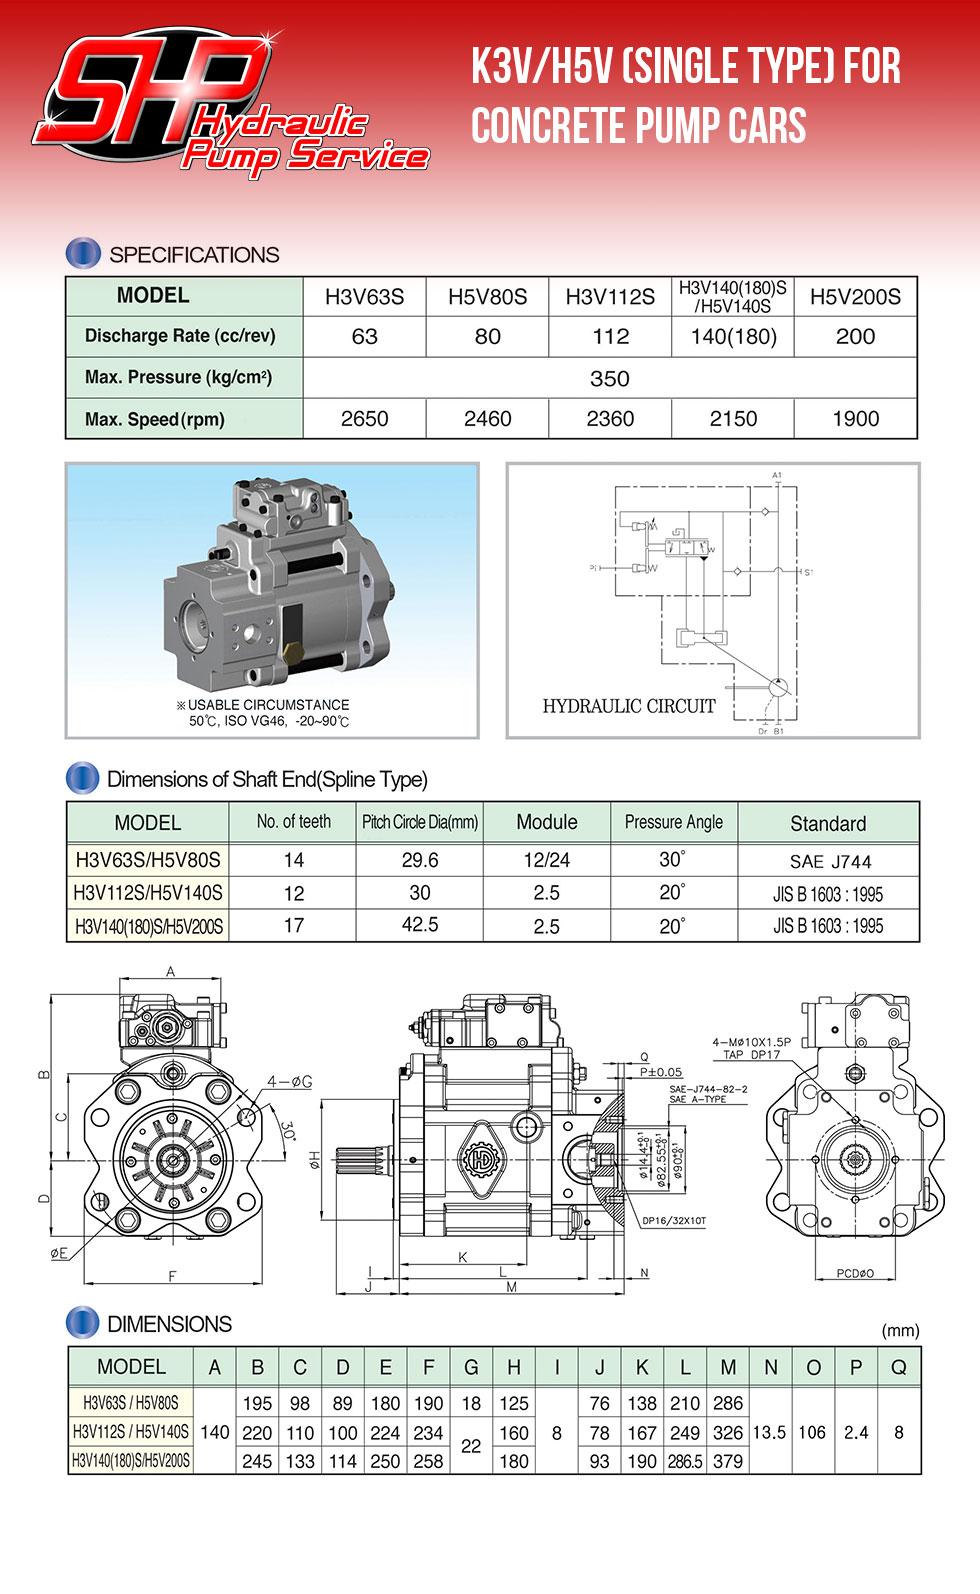 K3V/H5V (Single Type) for Concrete Pump Cars